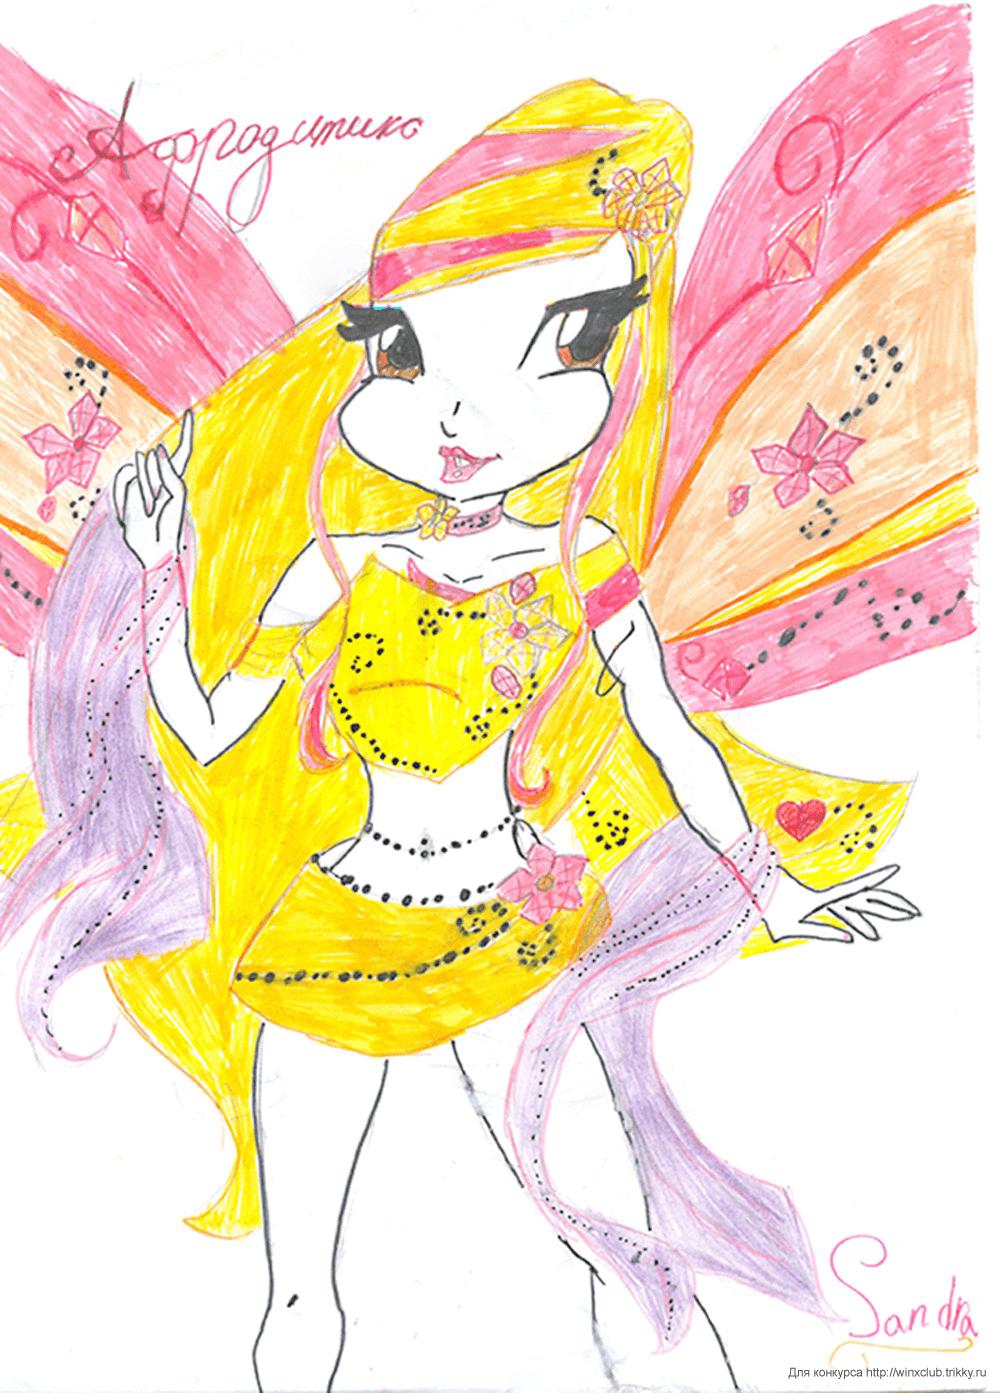 ... онлайн карандашом - Карикатуры и шаржи: thecaricature.ru/menyu-1/onlayn/nauchitsya-risovat-vinks-muzu...